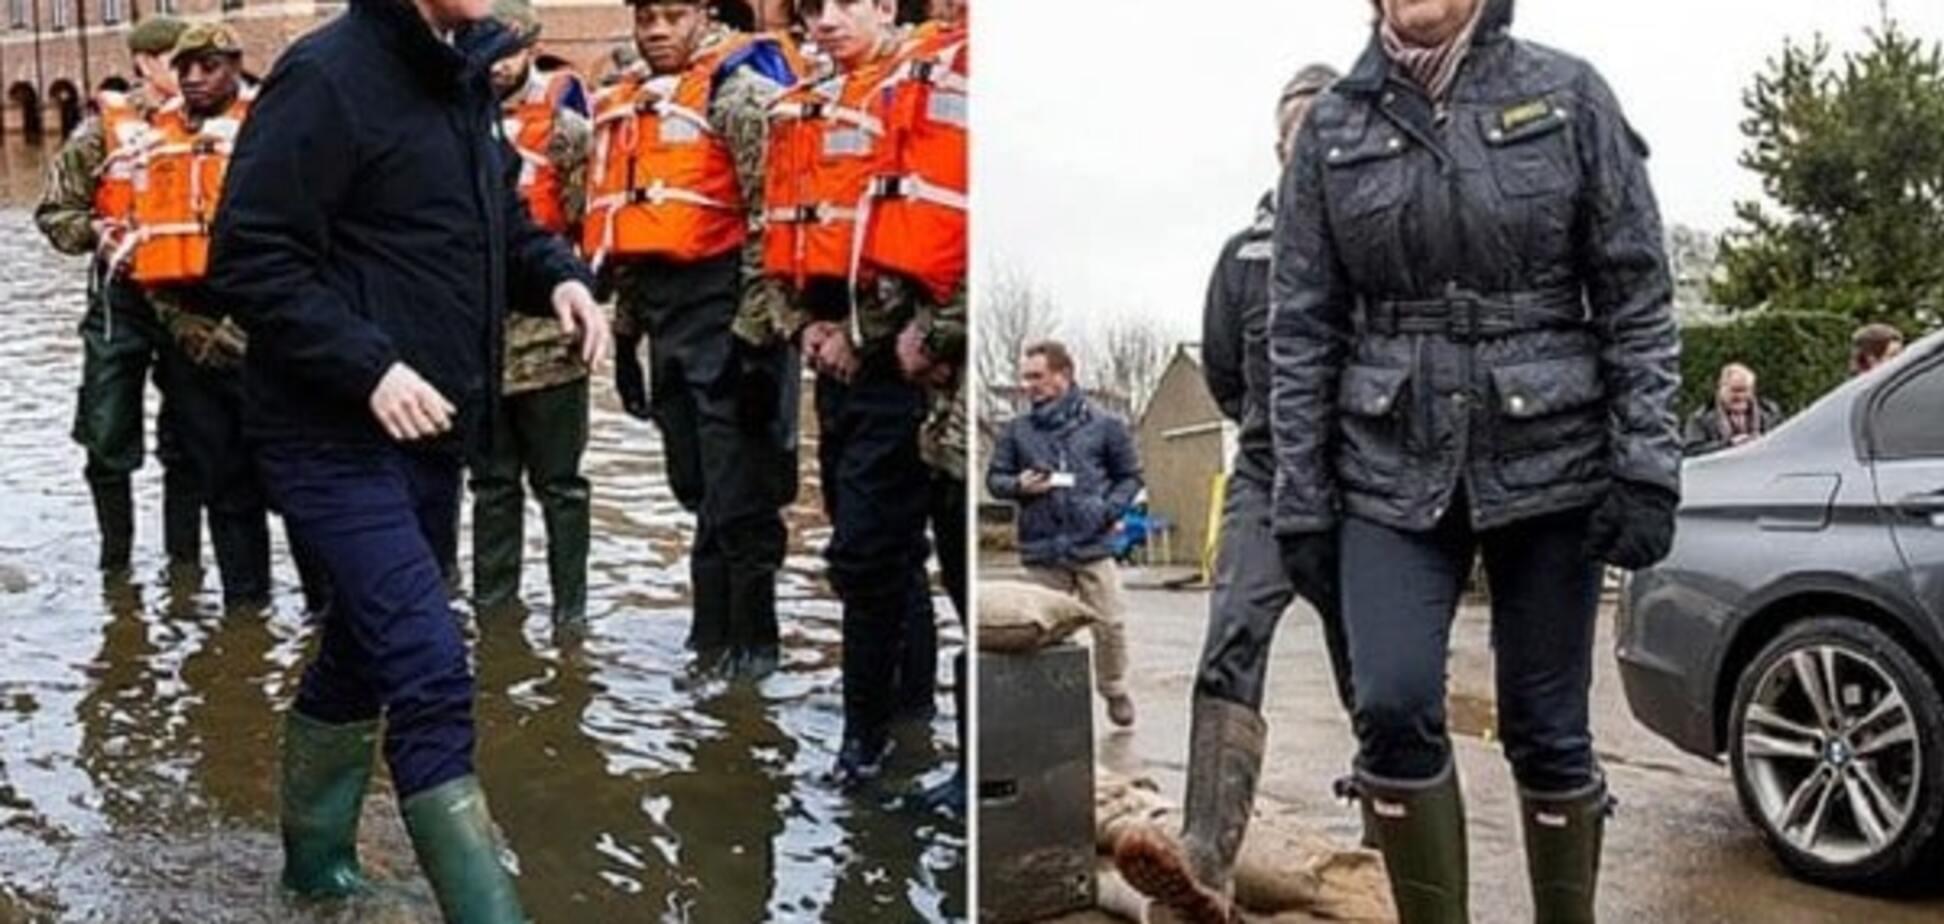 Как премьер Великобритании скандалов избегает